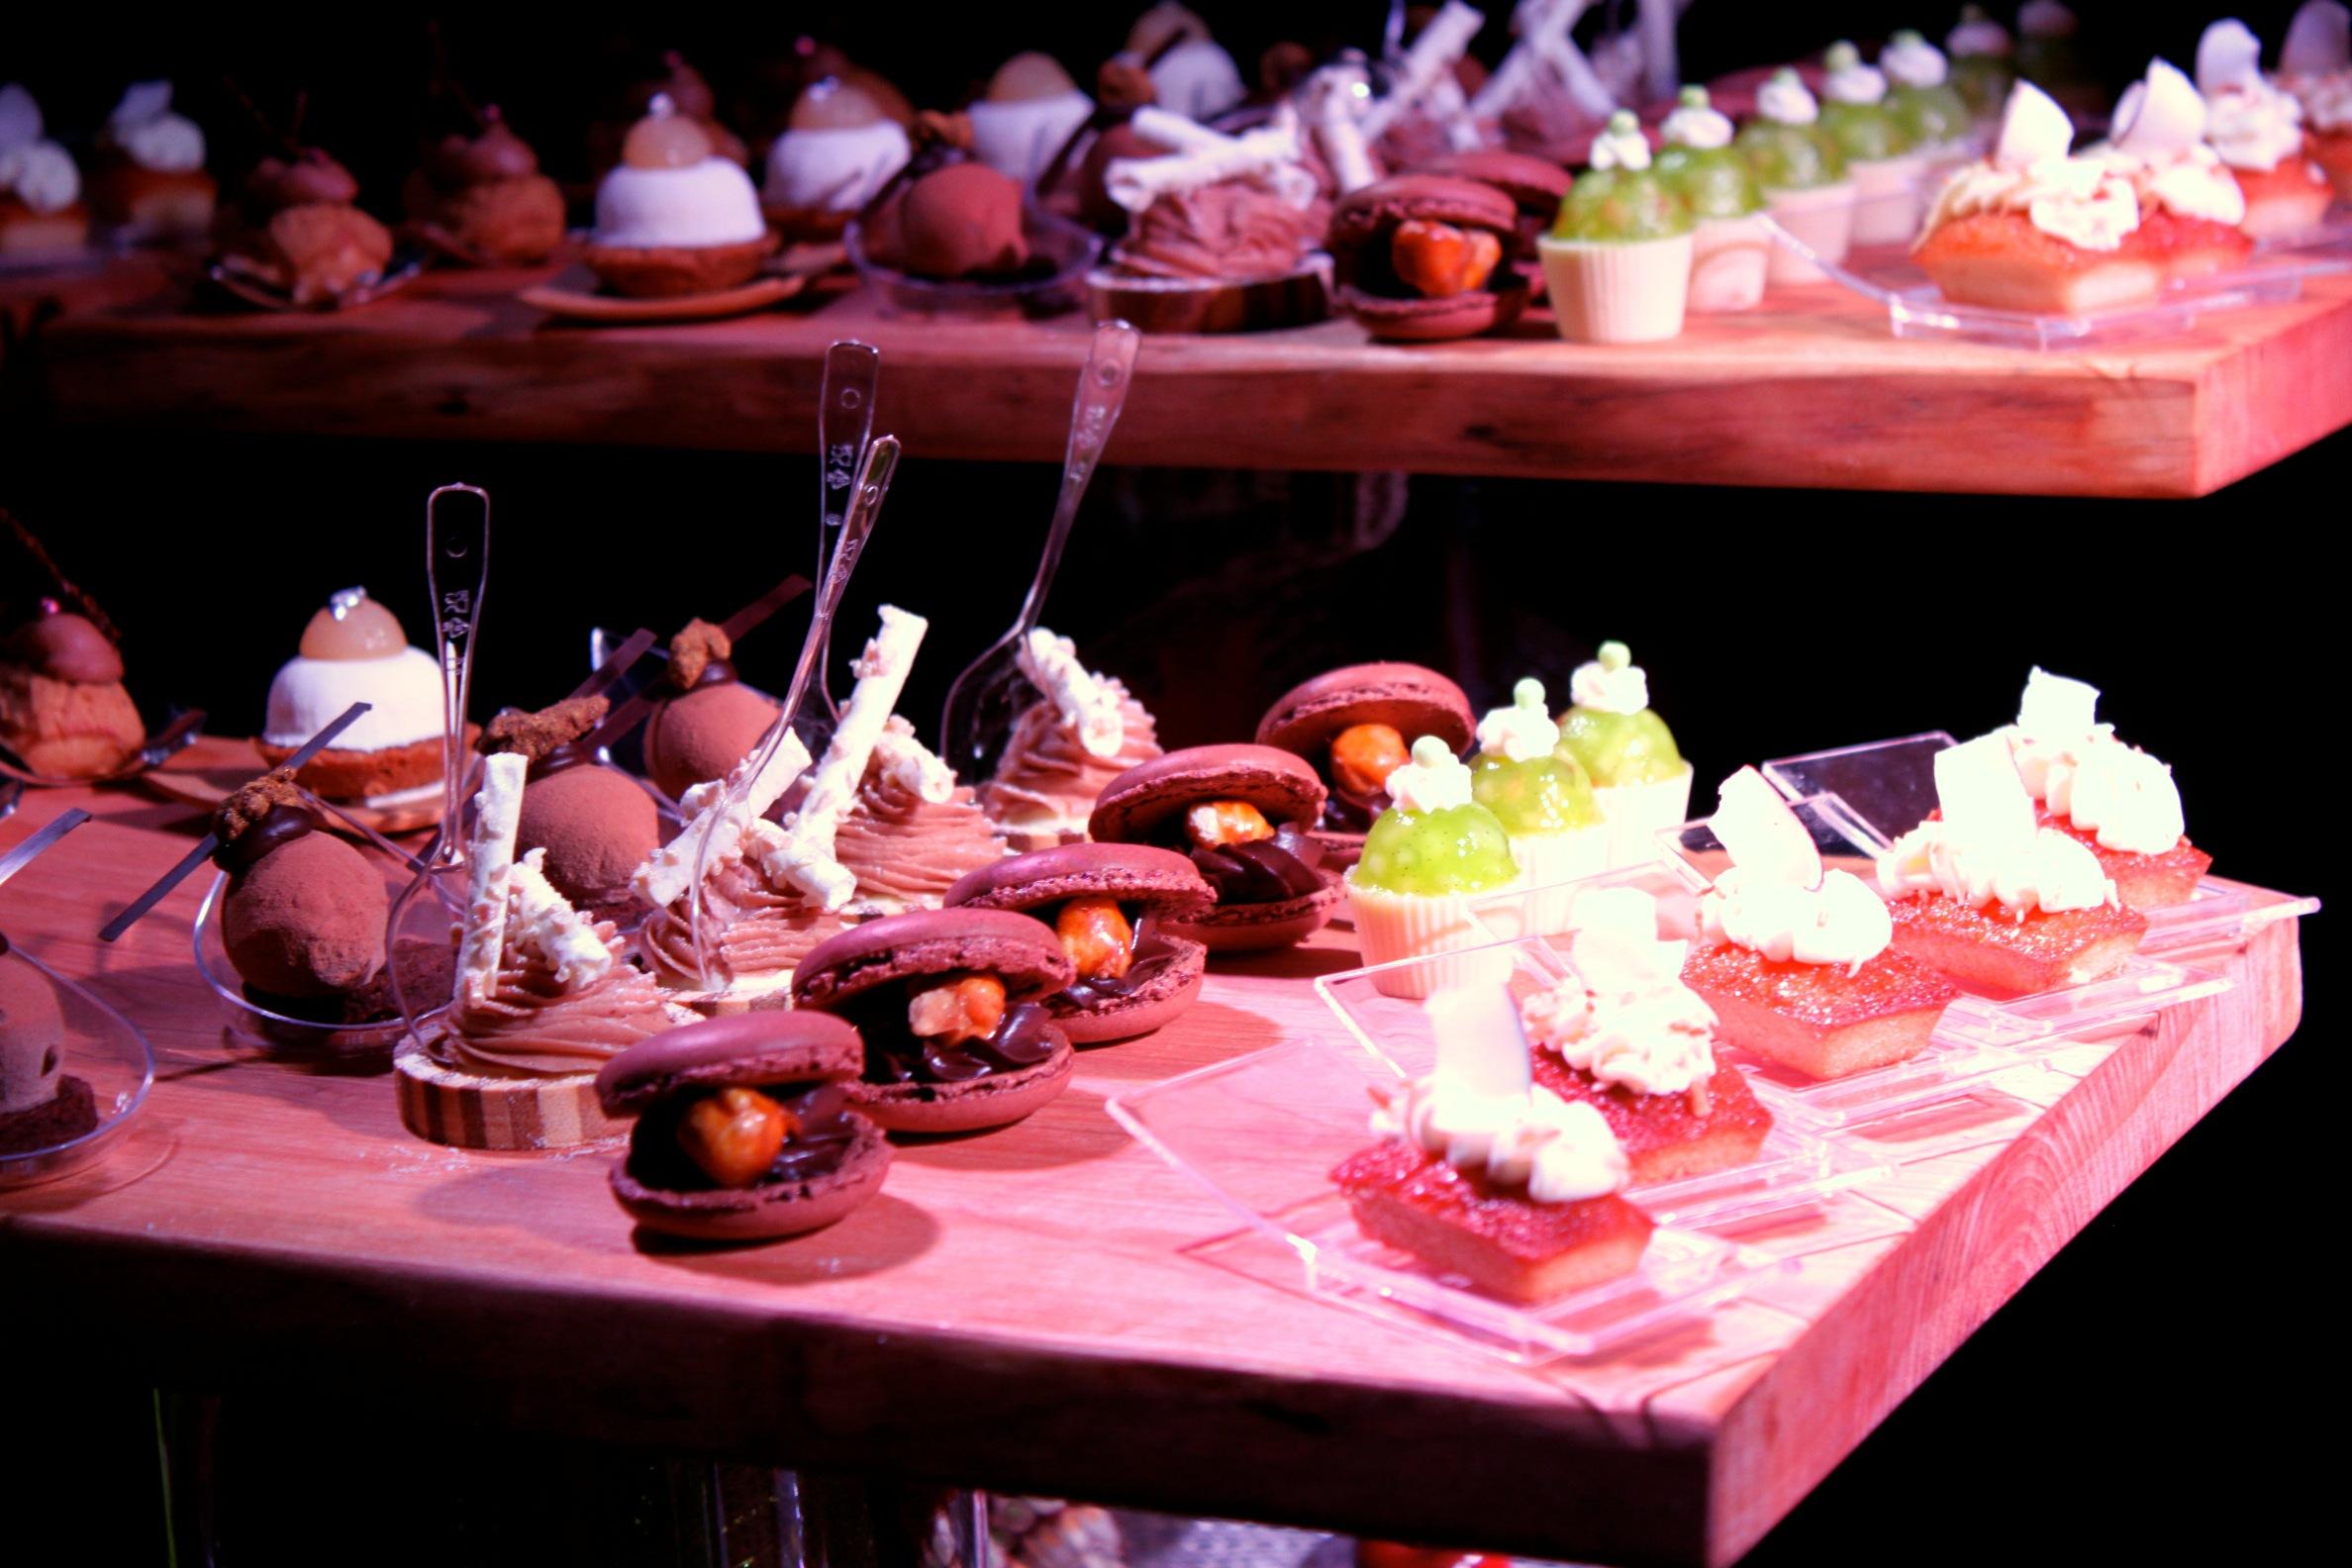 Dessert heaven chocolate academy opens in montreal - Decoratie opgeschort wc ...